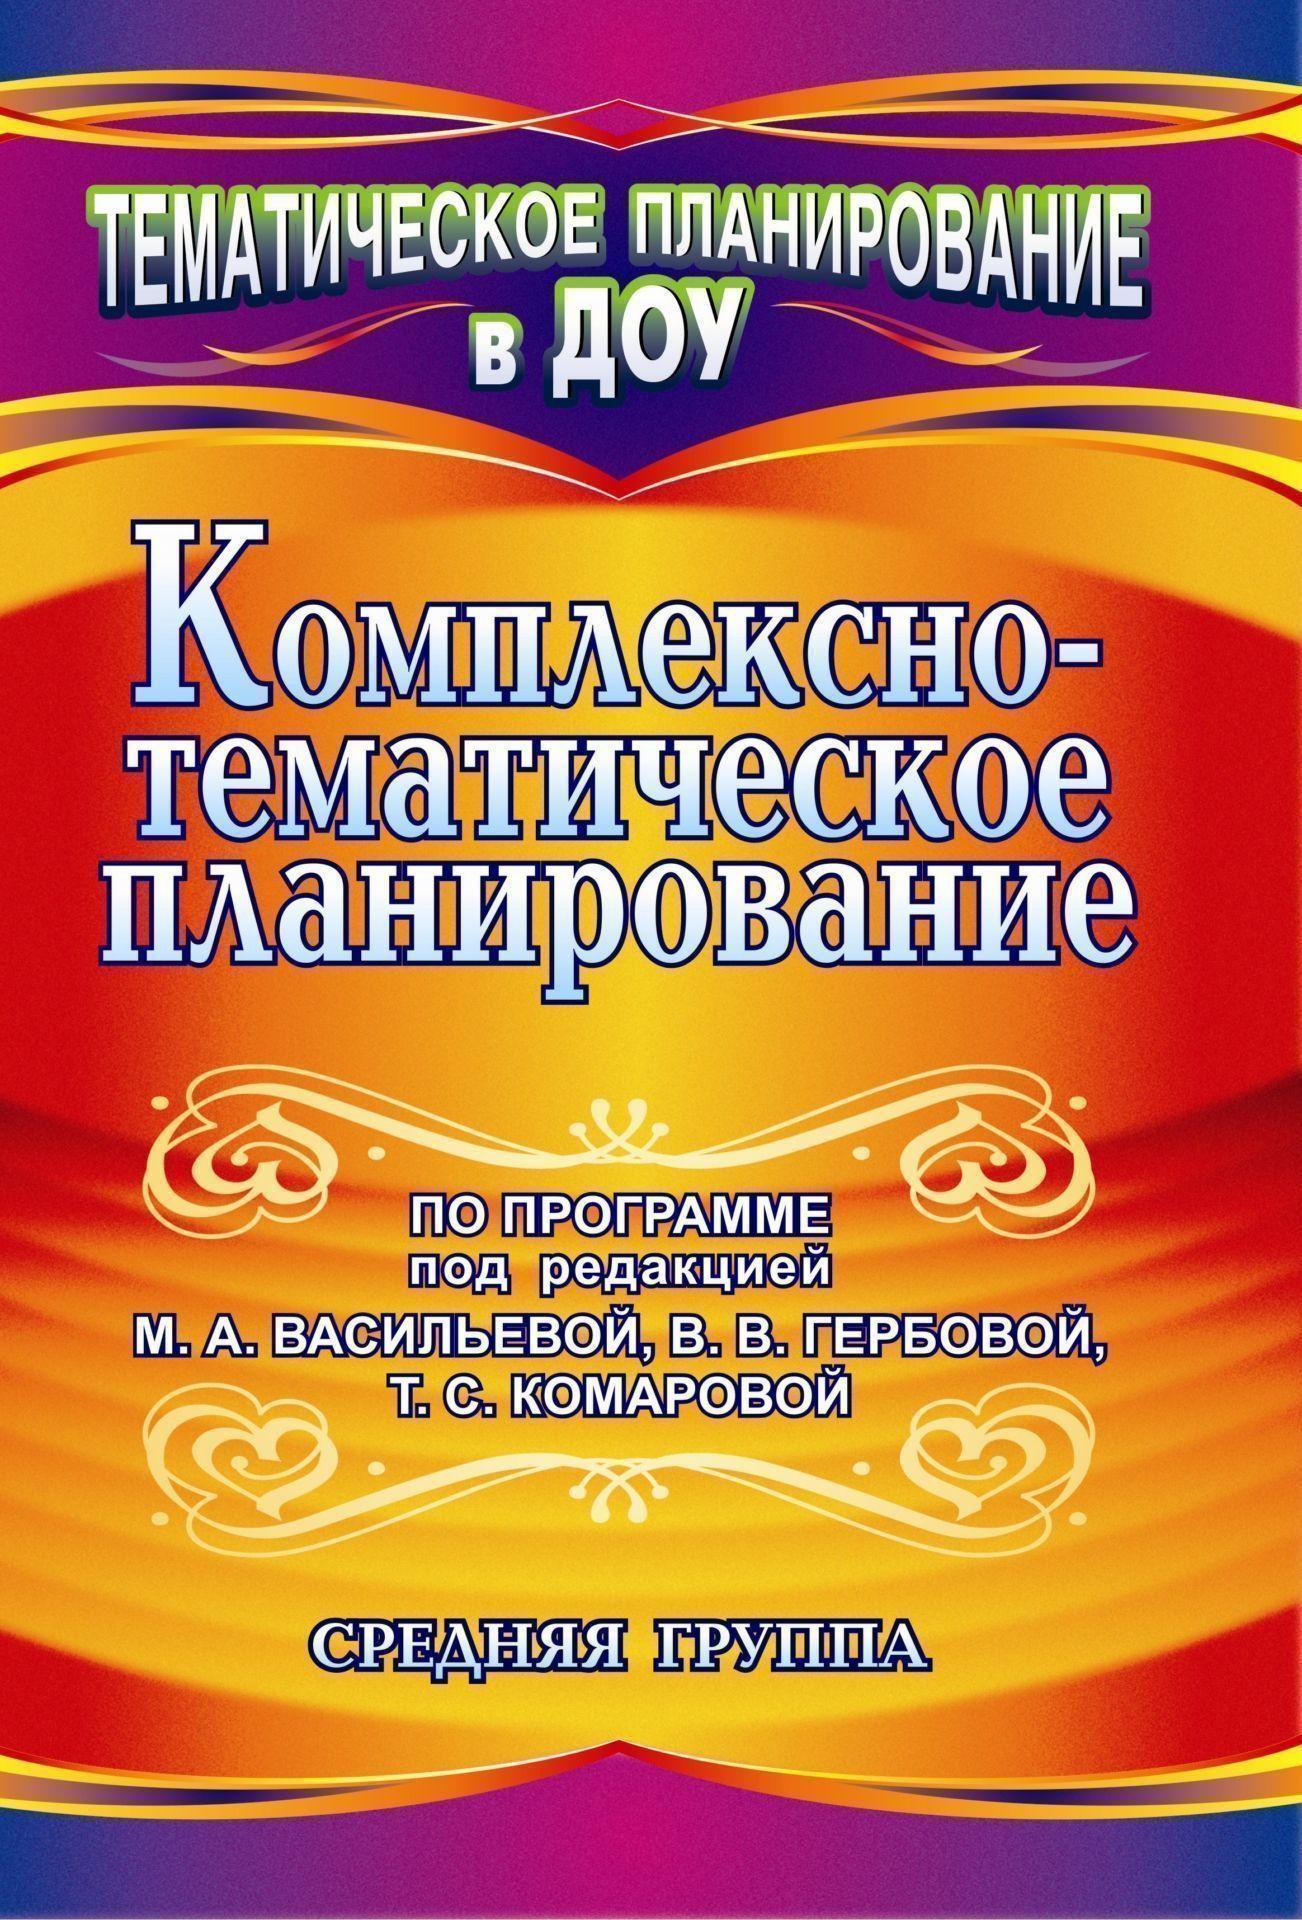 Комплексно-тематическое планирование по программе под редакцией М. А. Васильевой, В. В. Гербовой, Т. С. Комаровой. Средняя группа